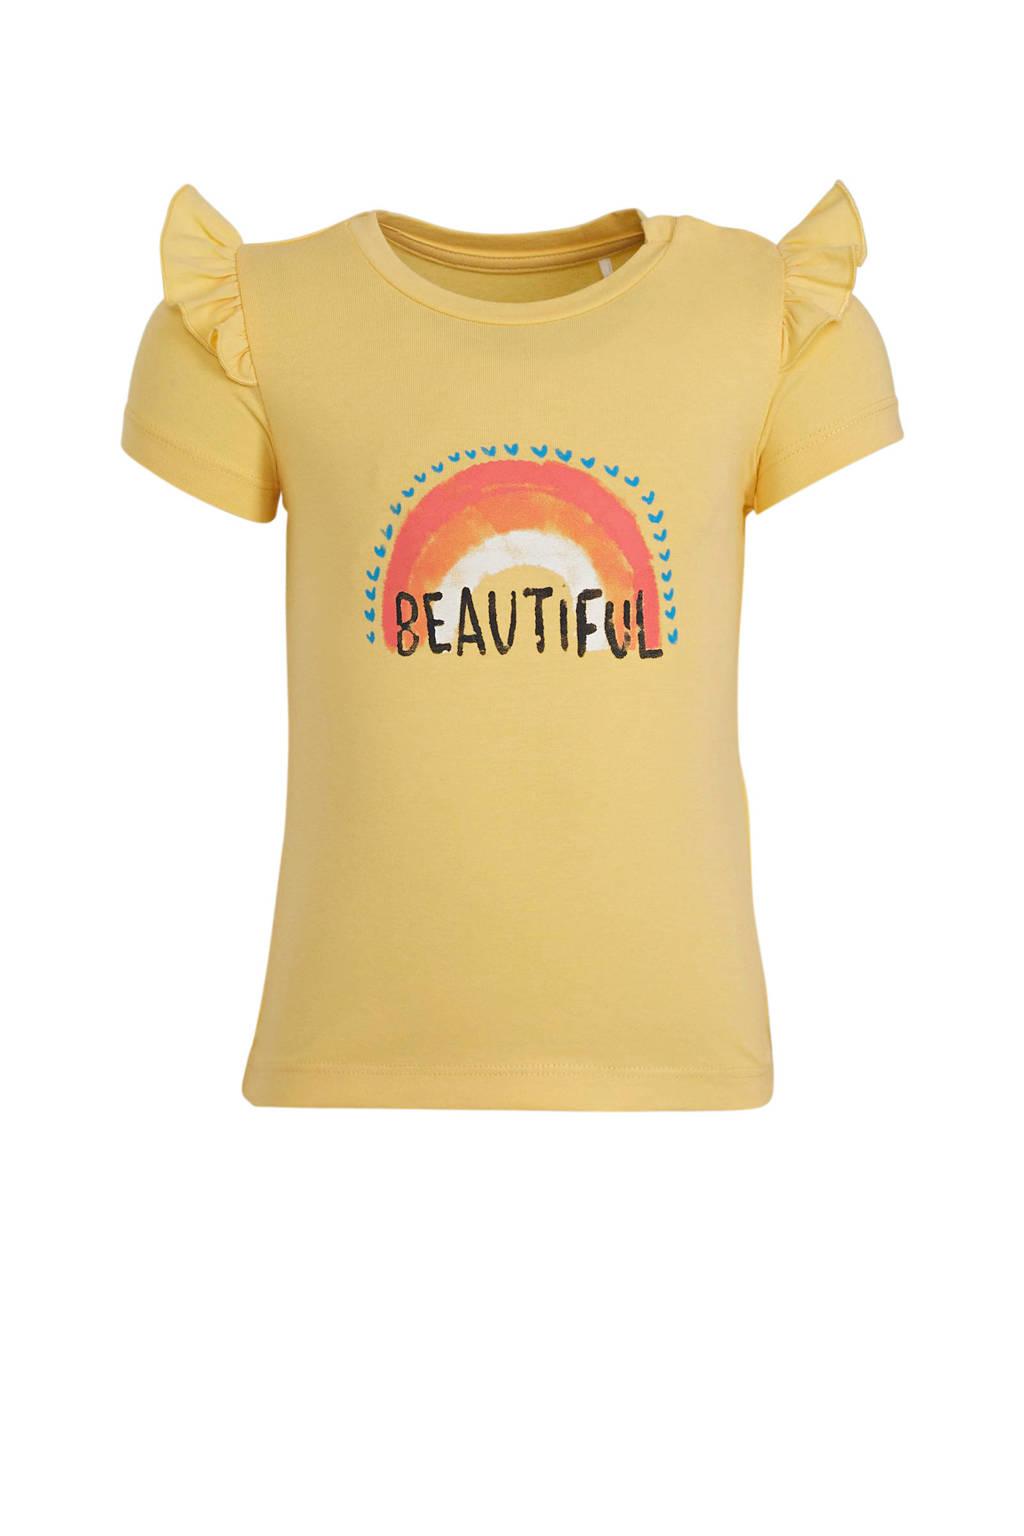 NAME IT BABY baby T-shirt Hilda met biologisch katoen geel/blauw/roze, Geel/blauw/roze